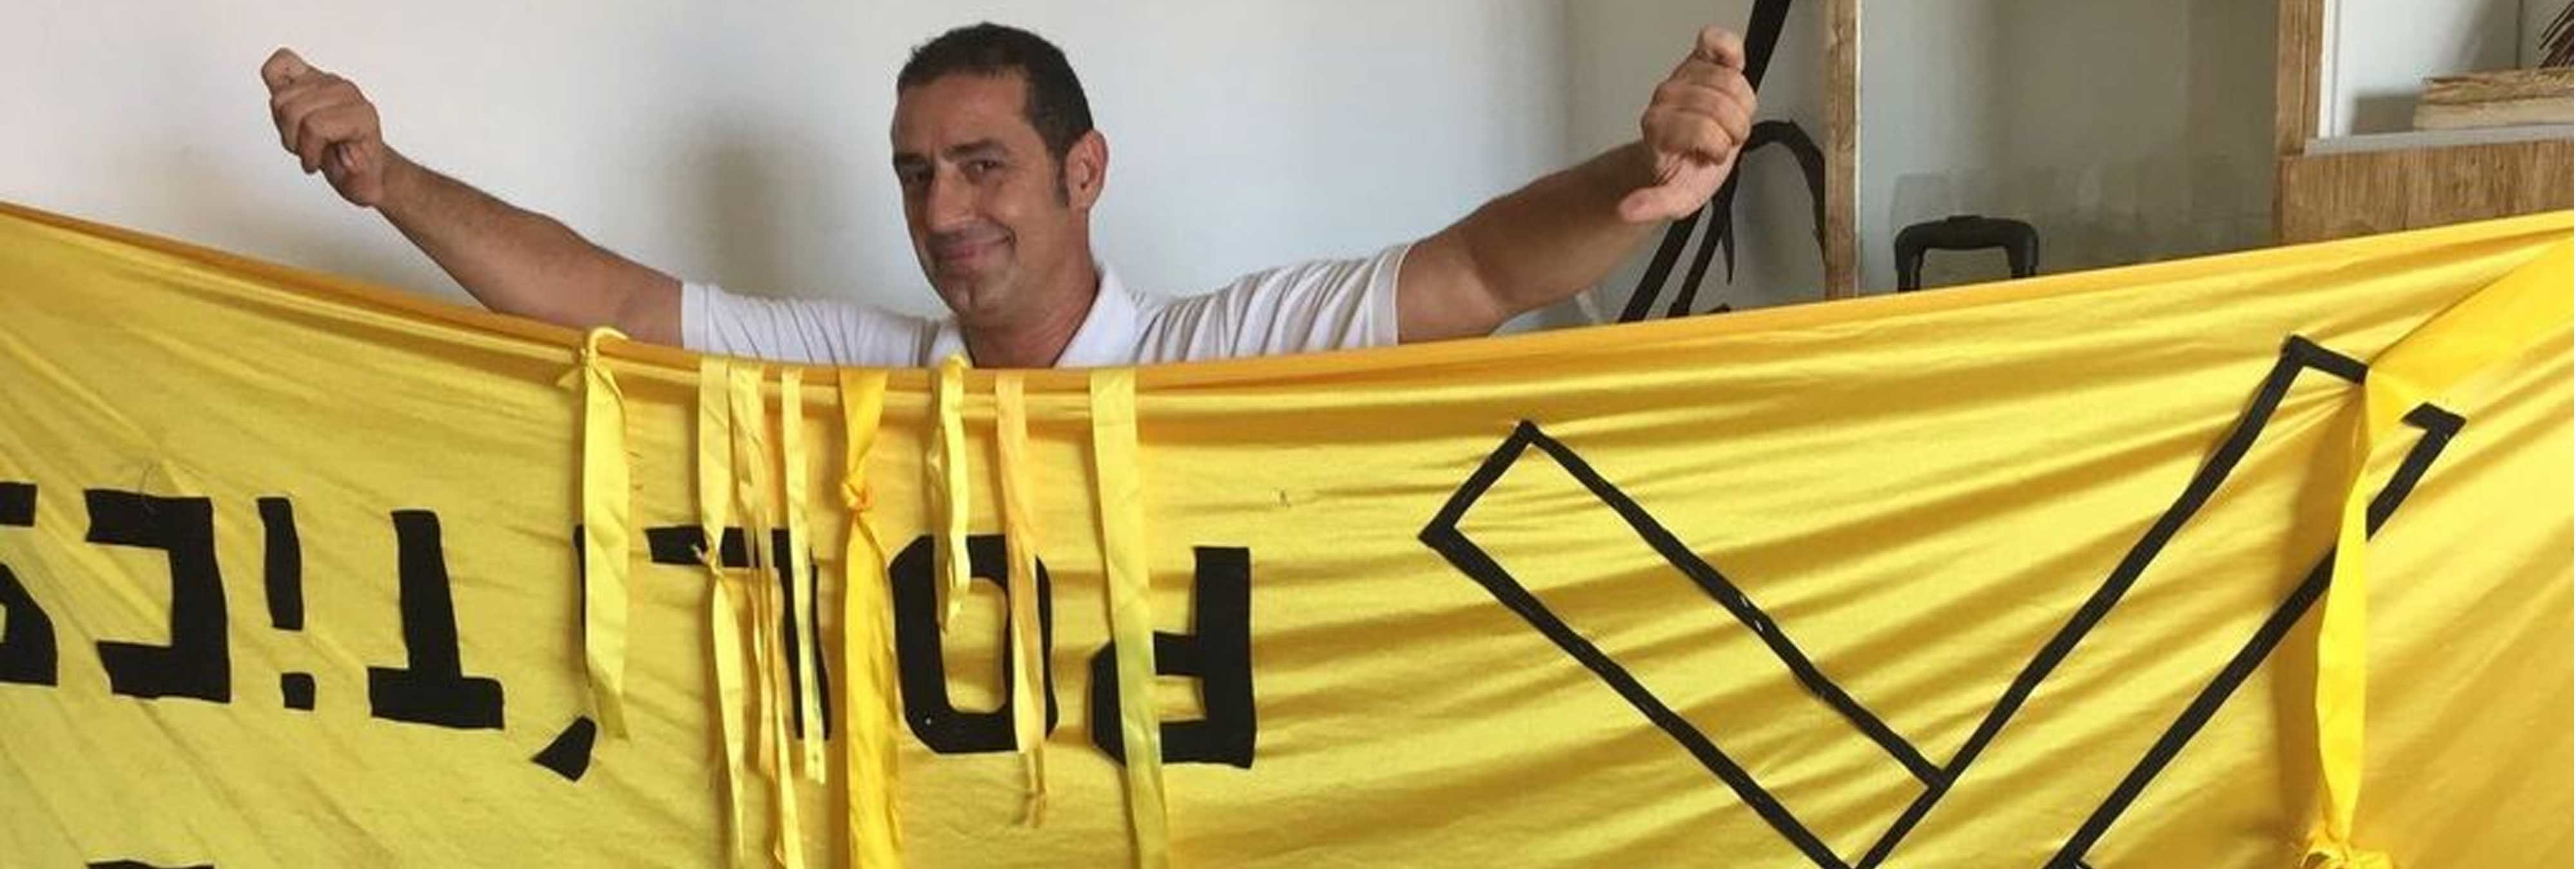 Amenazan de muerte a Juan Ribas, el hombre que puso el himno de España la Diada